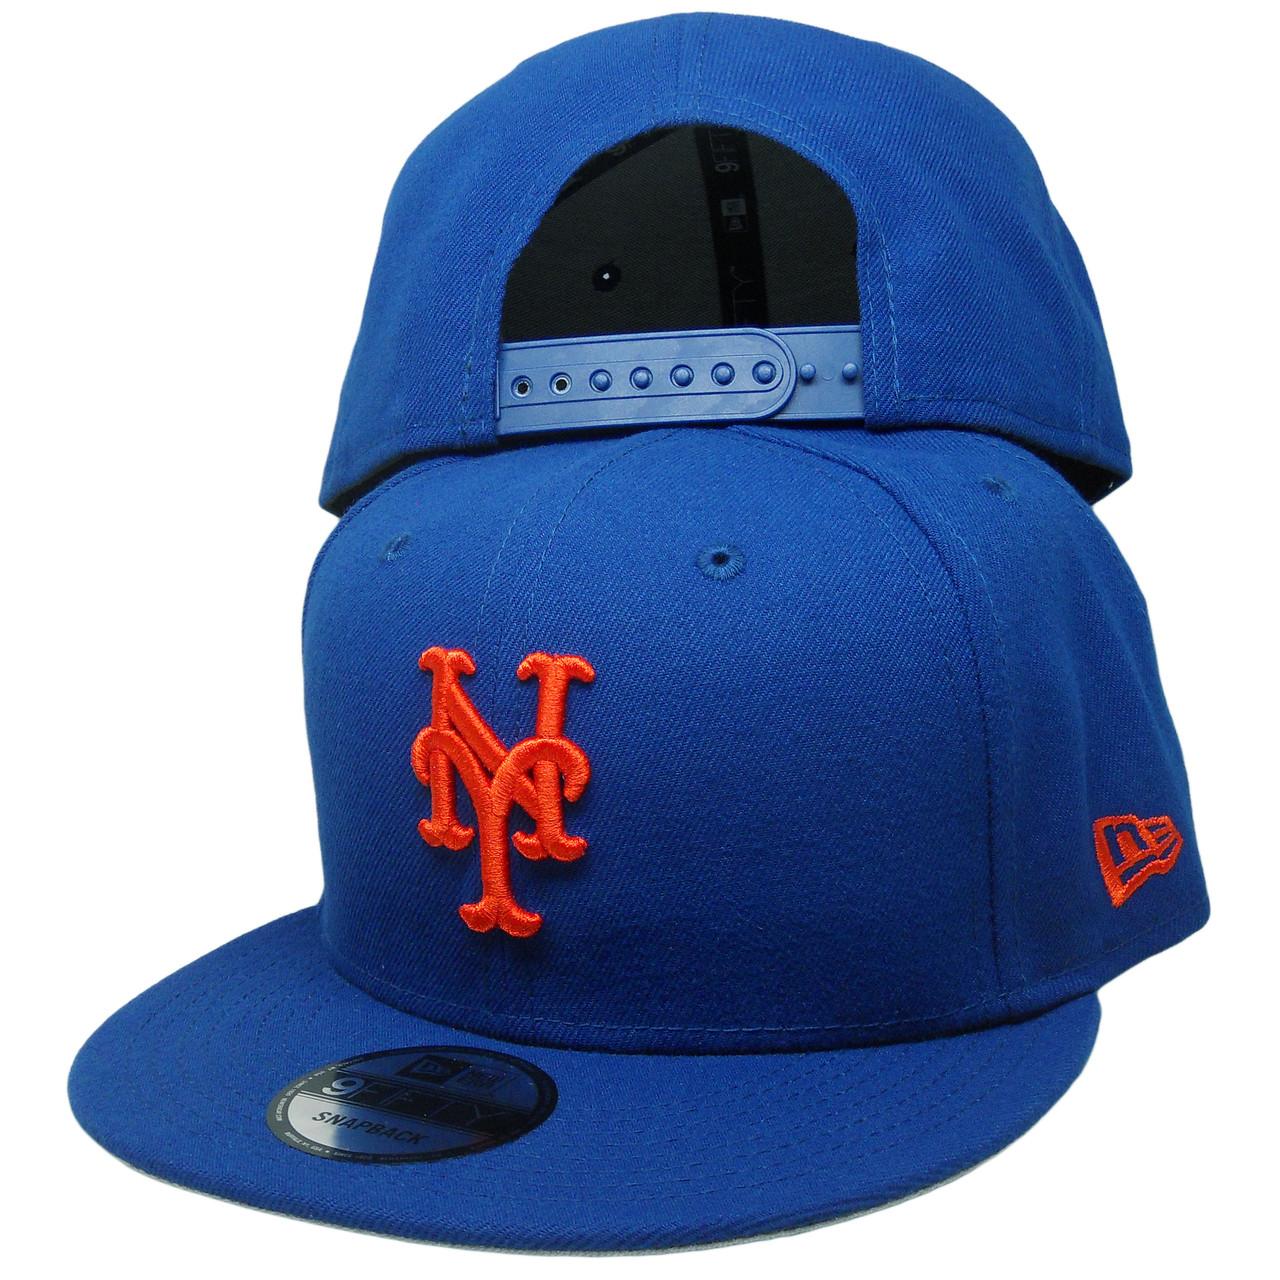 6e7fe6dba37 New York Mets New Era 9Fifty MLB Basic Snapback - Royal